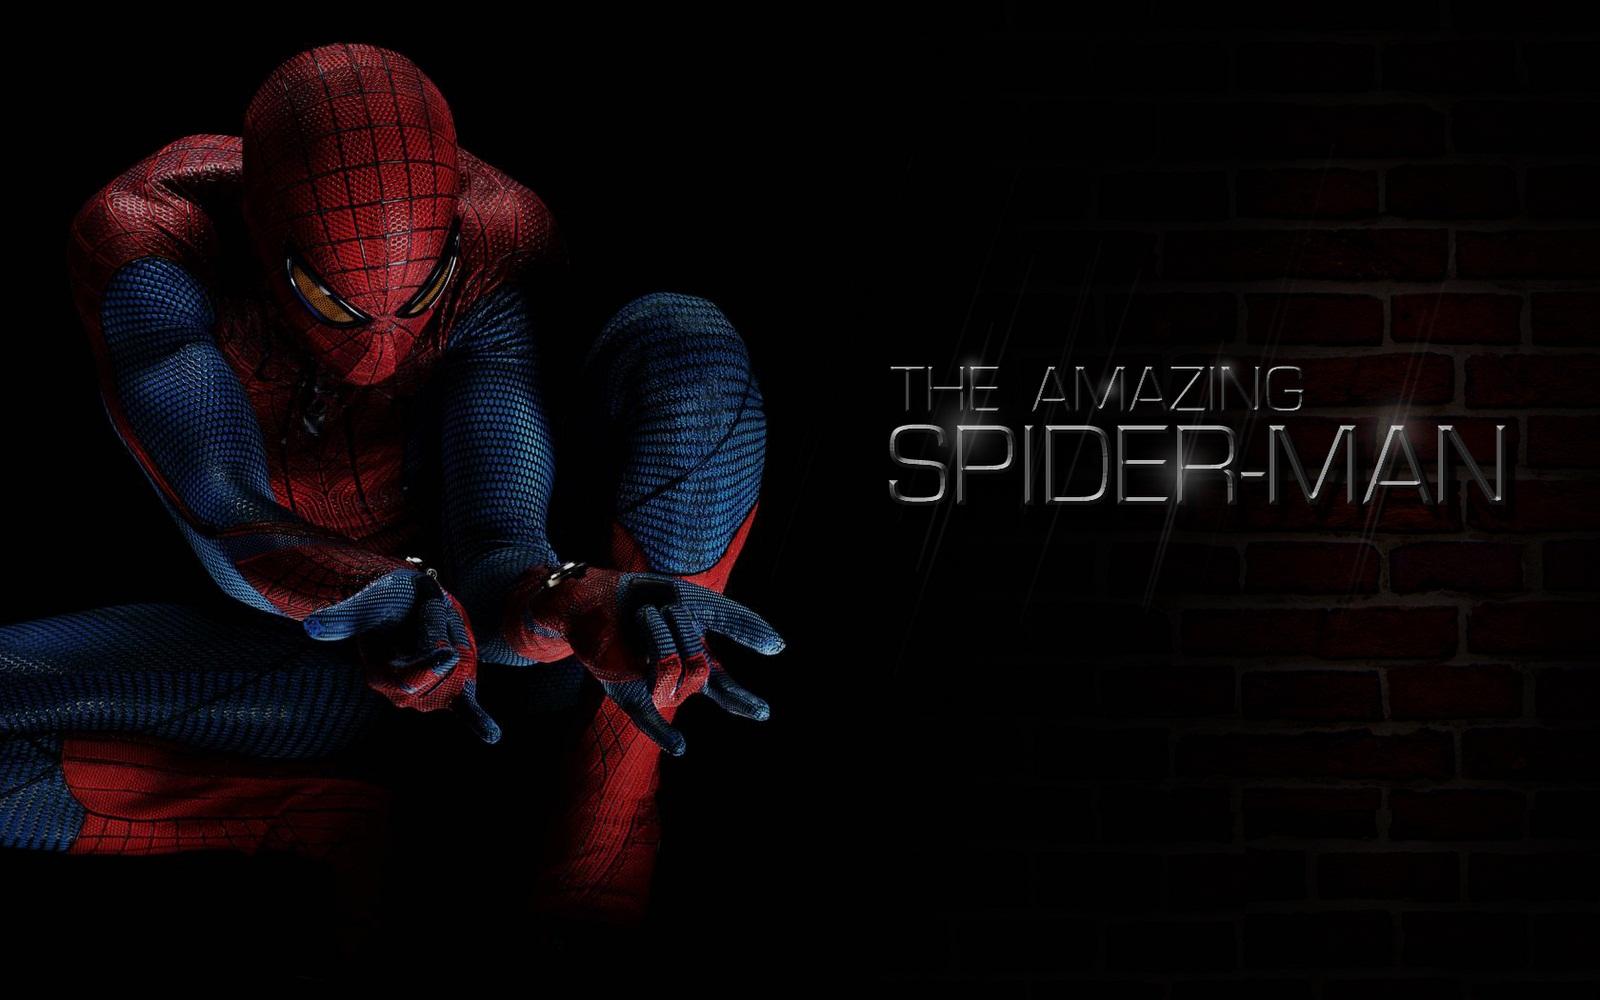 http://3.bp.blogspot.com/-euS68yD__M4/T_M0J3We3kI/AAAAAAAADJ8/BBzNDFQlLfk/s1600/the-amazing-spider-man-2012-wallpaper.jpg